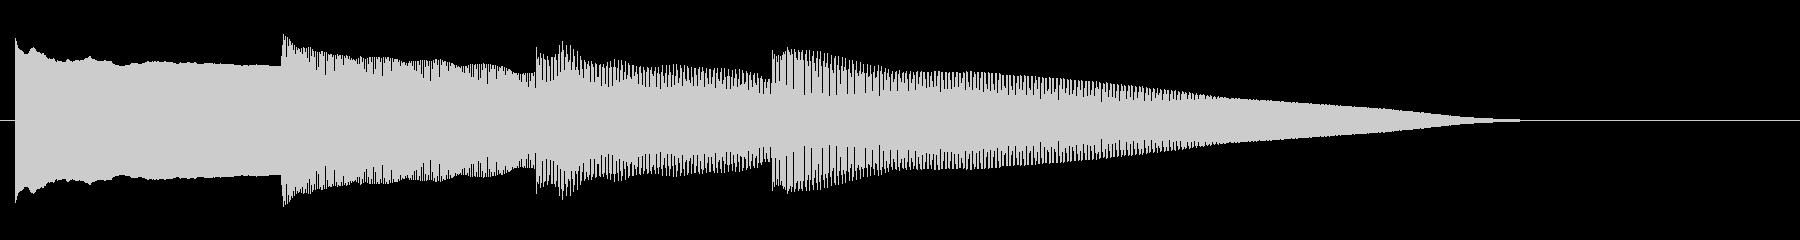 アナウンス後 チャイム-2_dryの未再生の波形